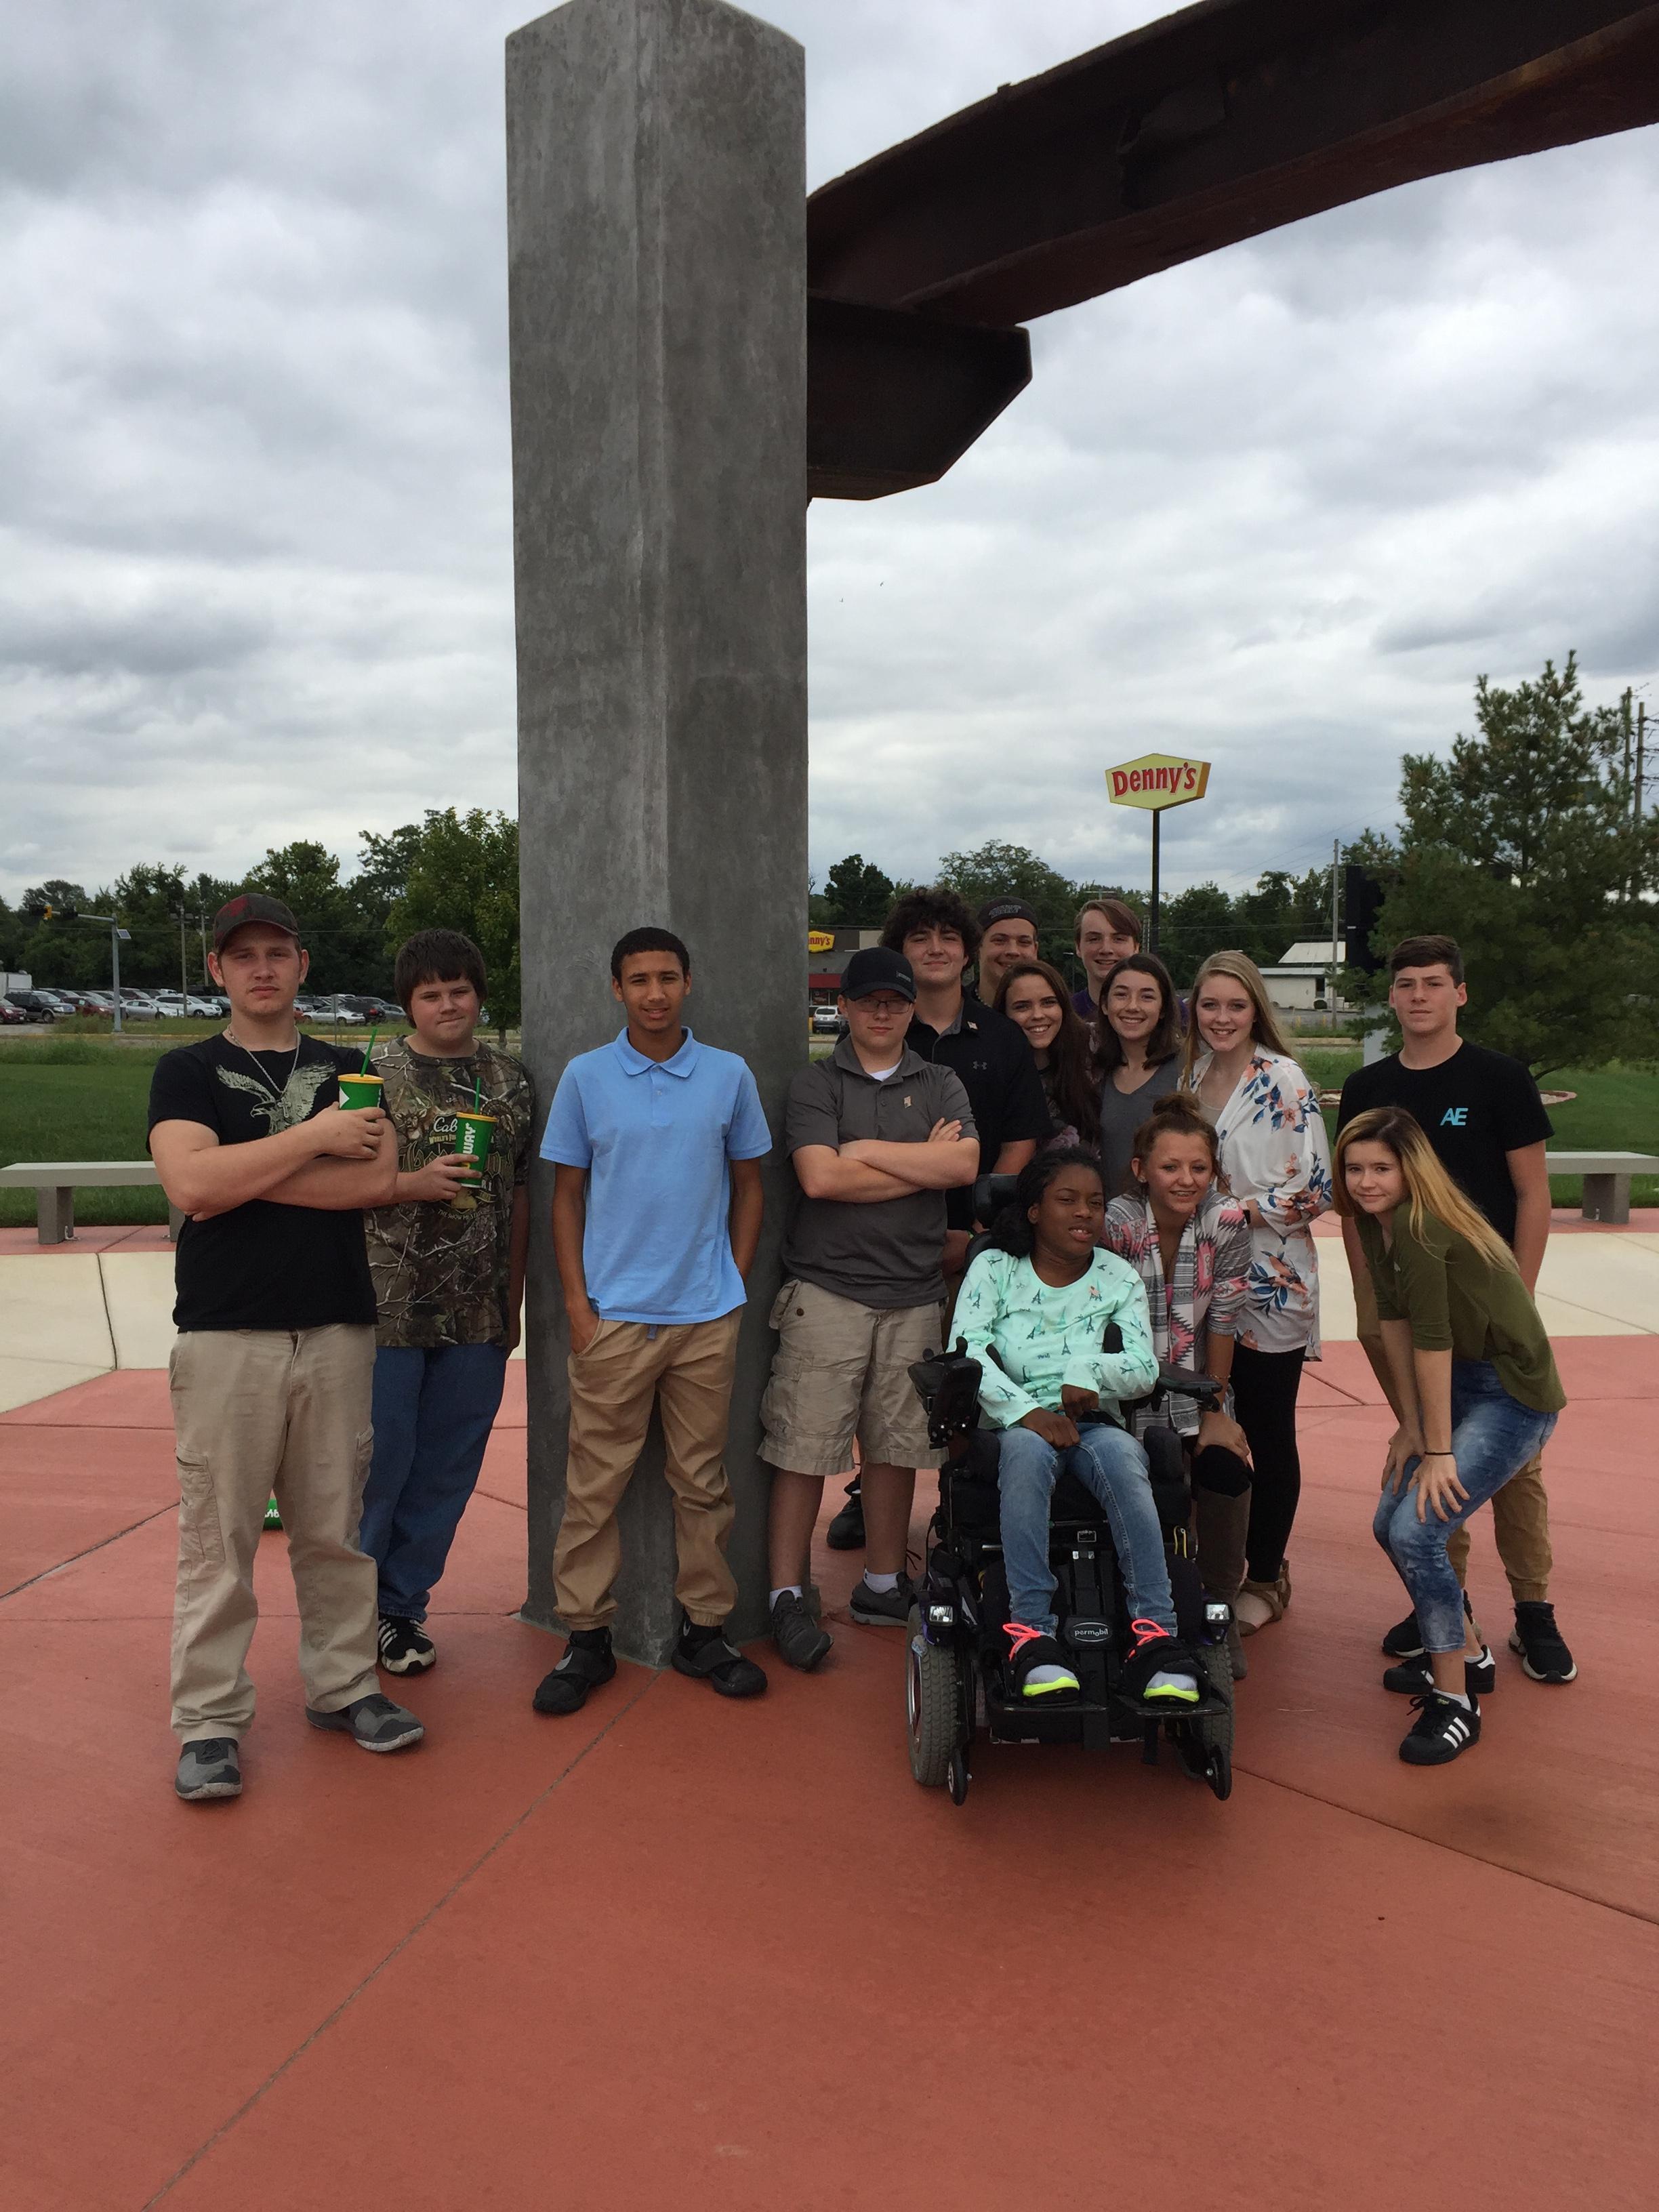 Freshman Visit 9/11 Memorial in Belleville